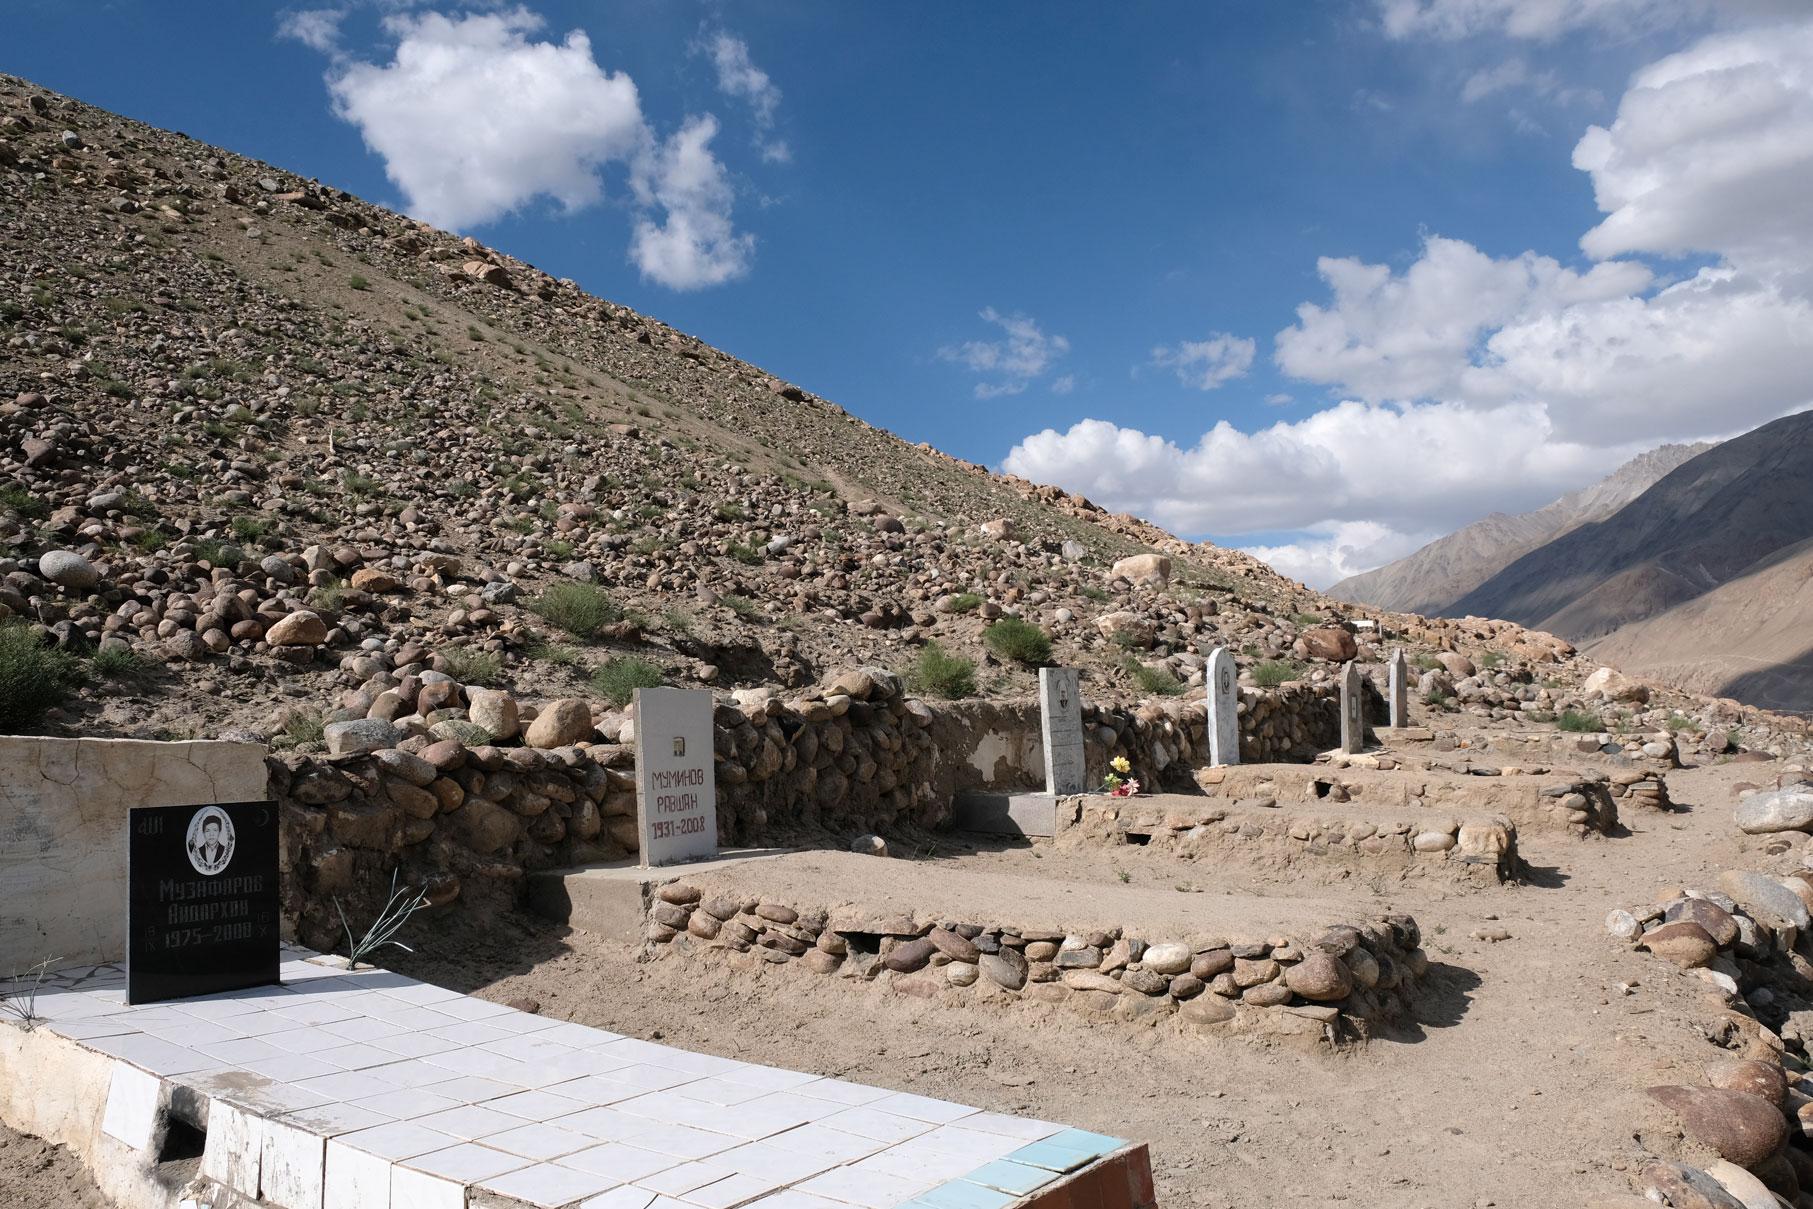 Gräber auf einem Berg.